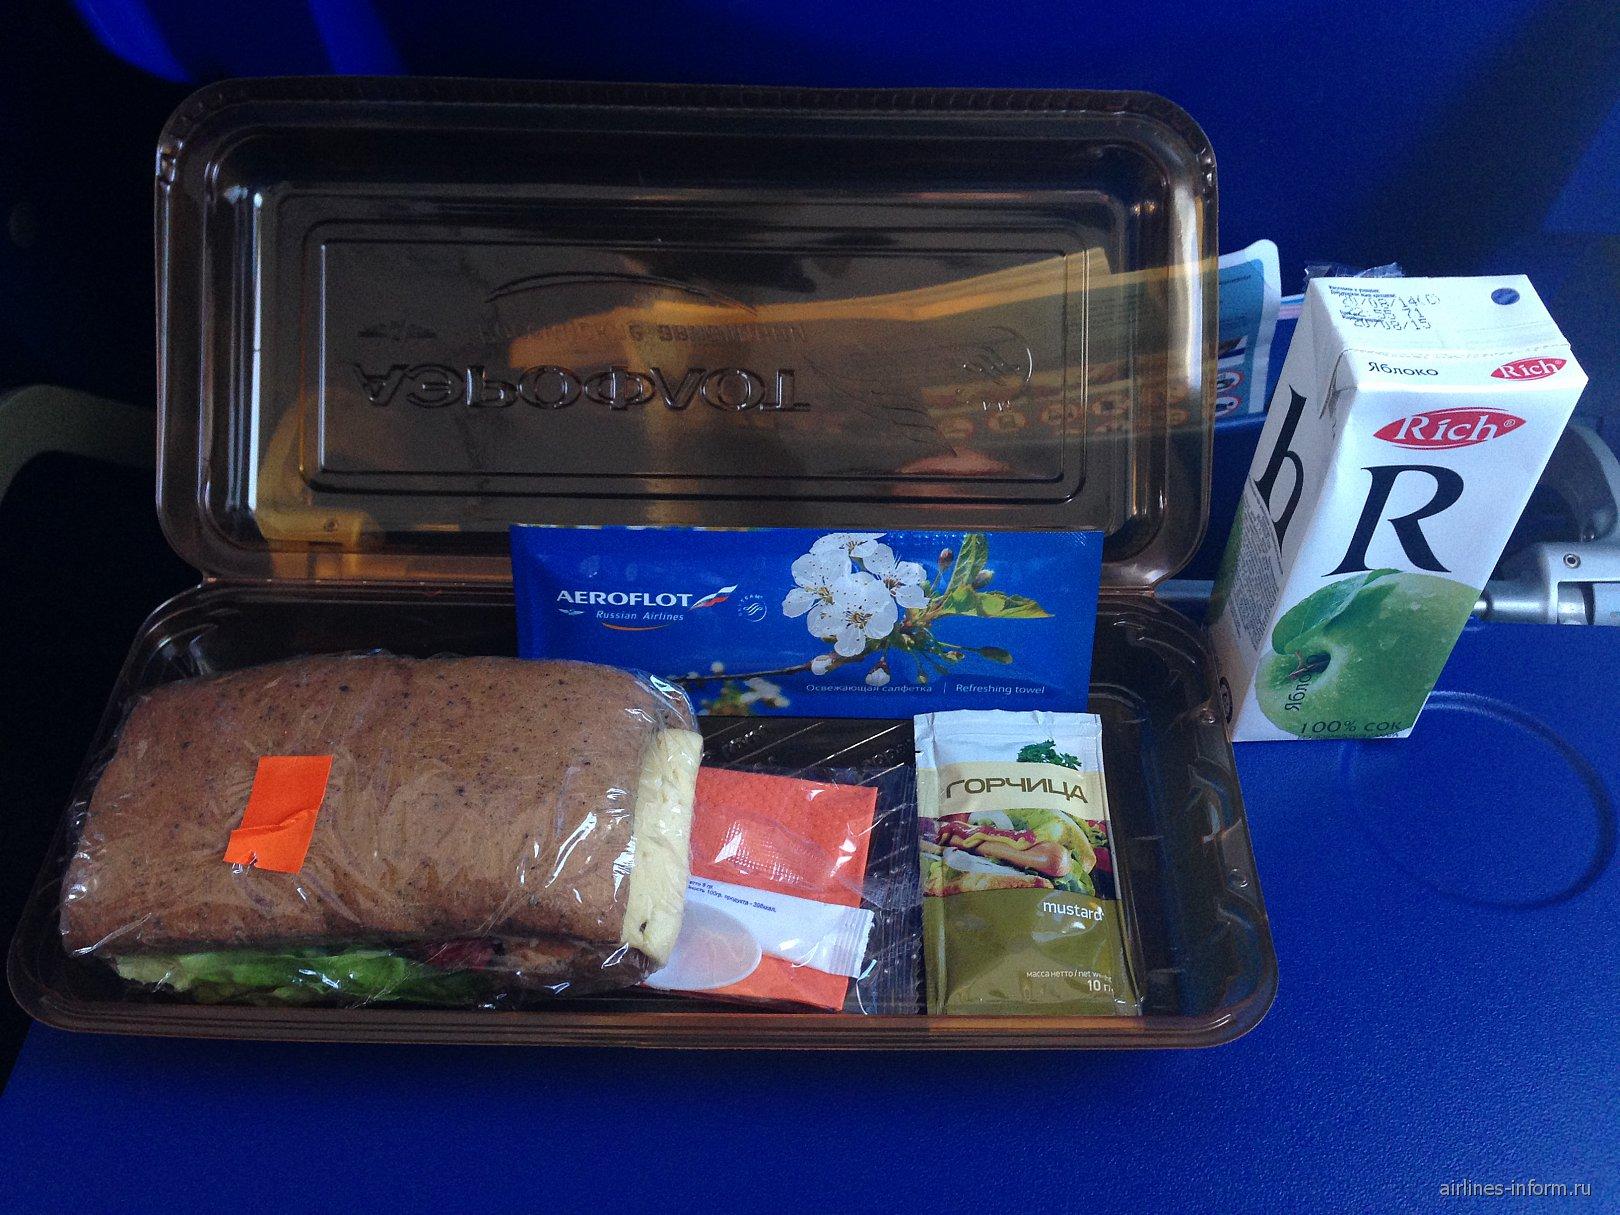 Бортовое питание на рейсе Аэрофлота Тюмень-Москва